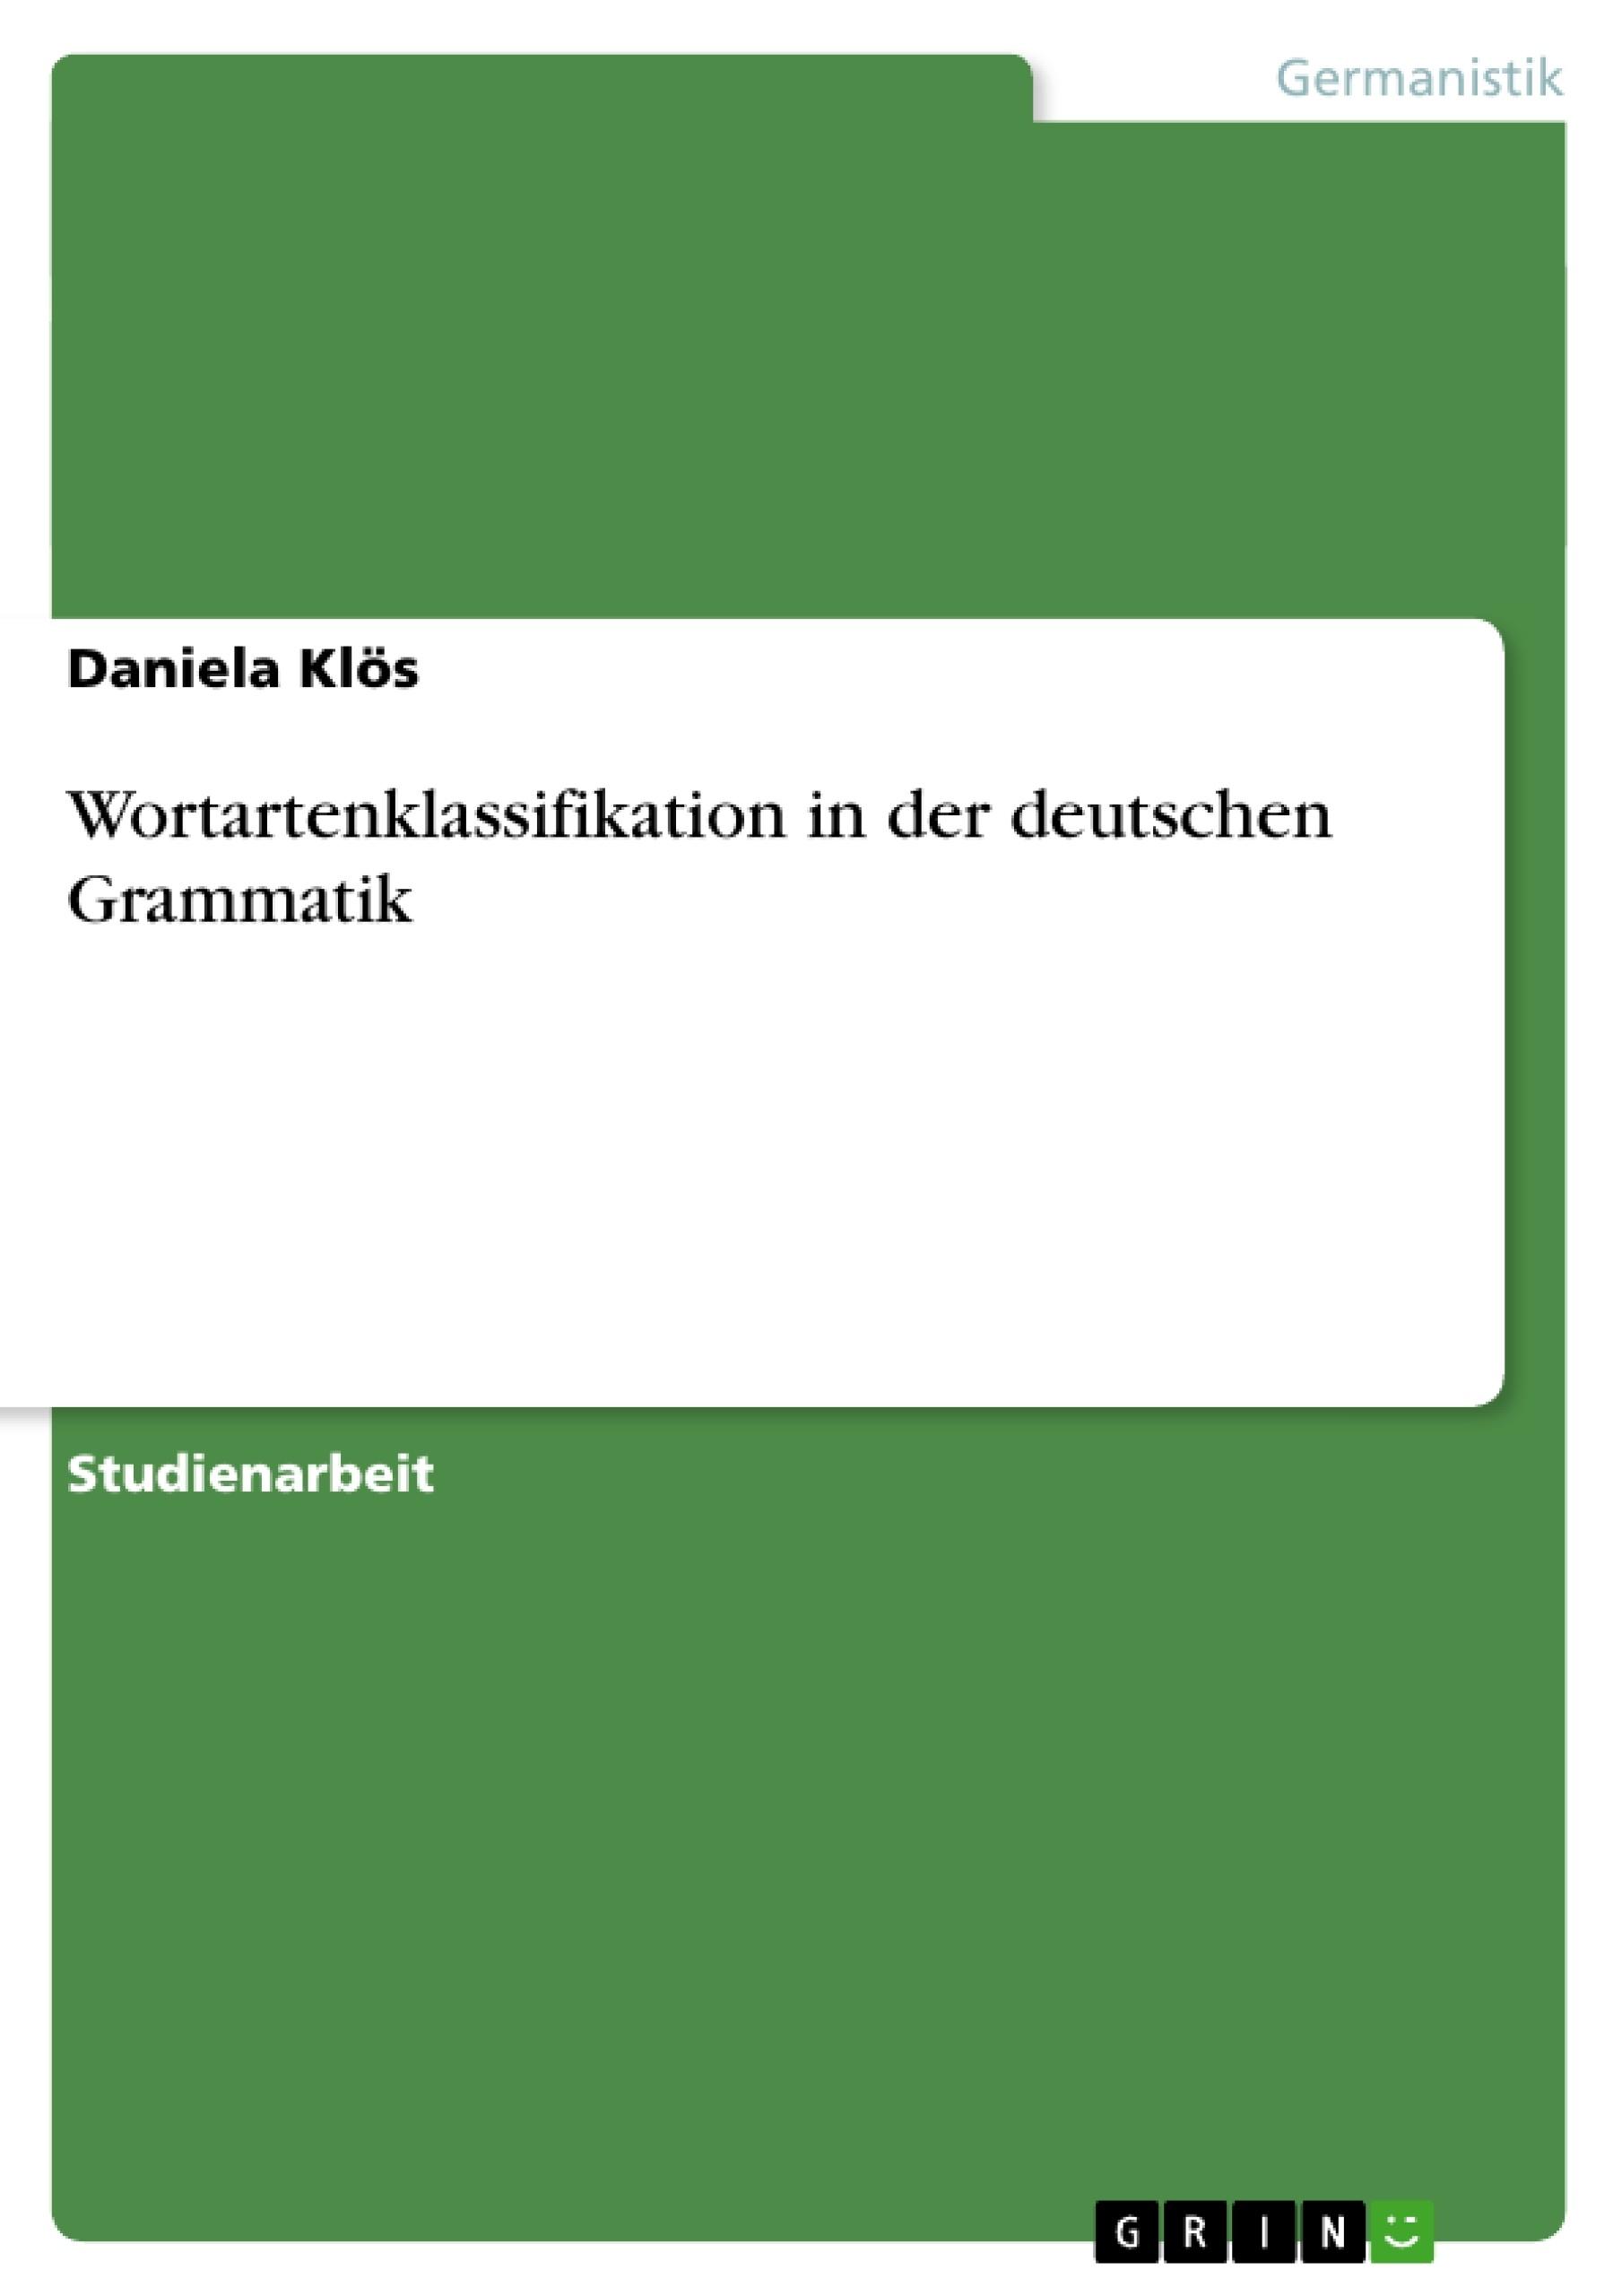 Titel: Wortartenklassifikation in der deutschen Grammatik